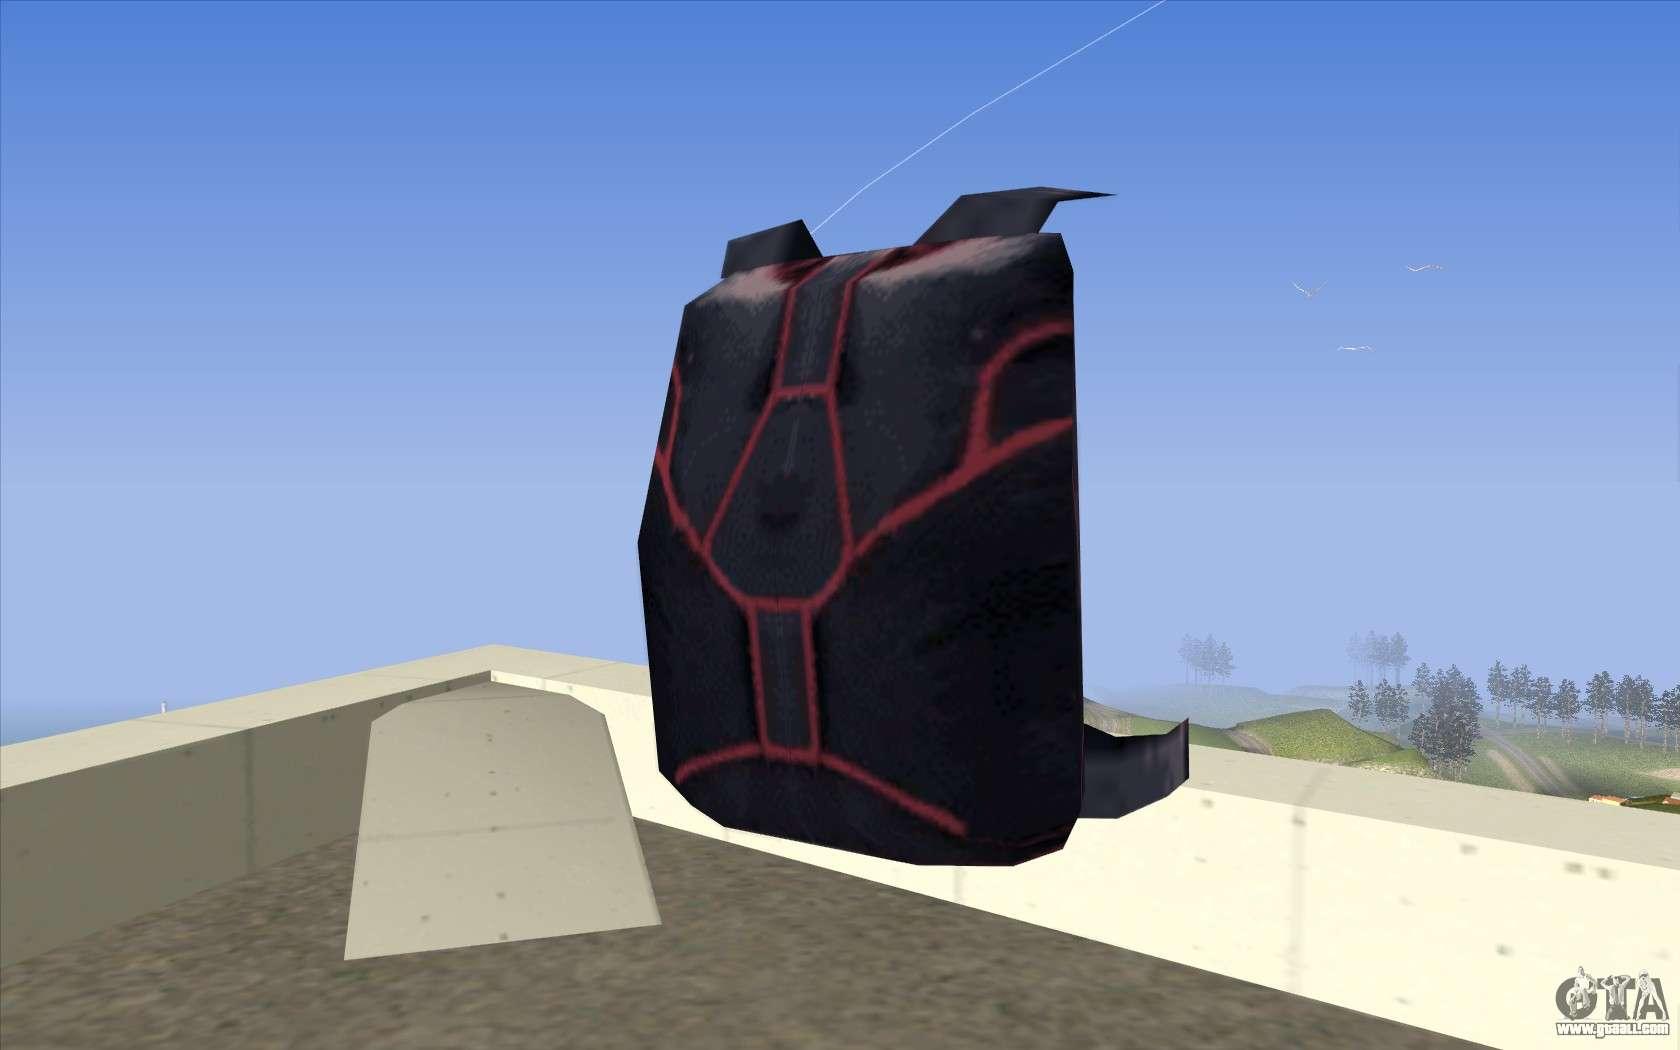 Gta  Car Parachute Game